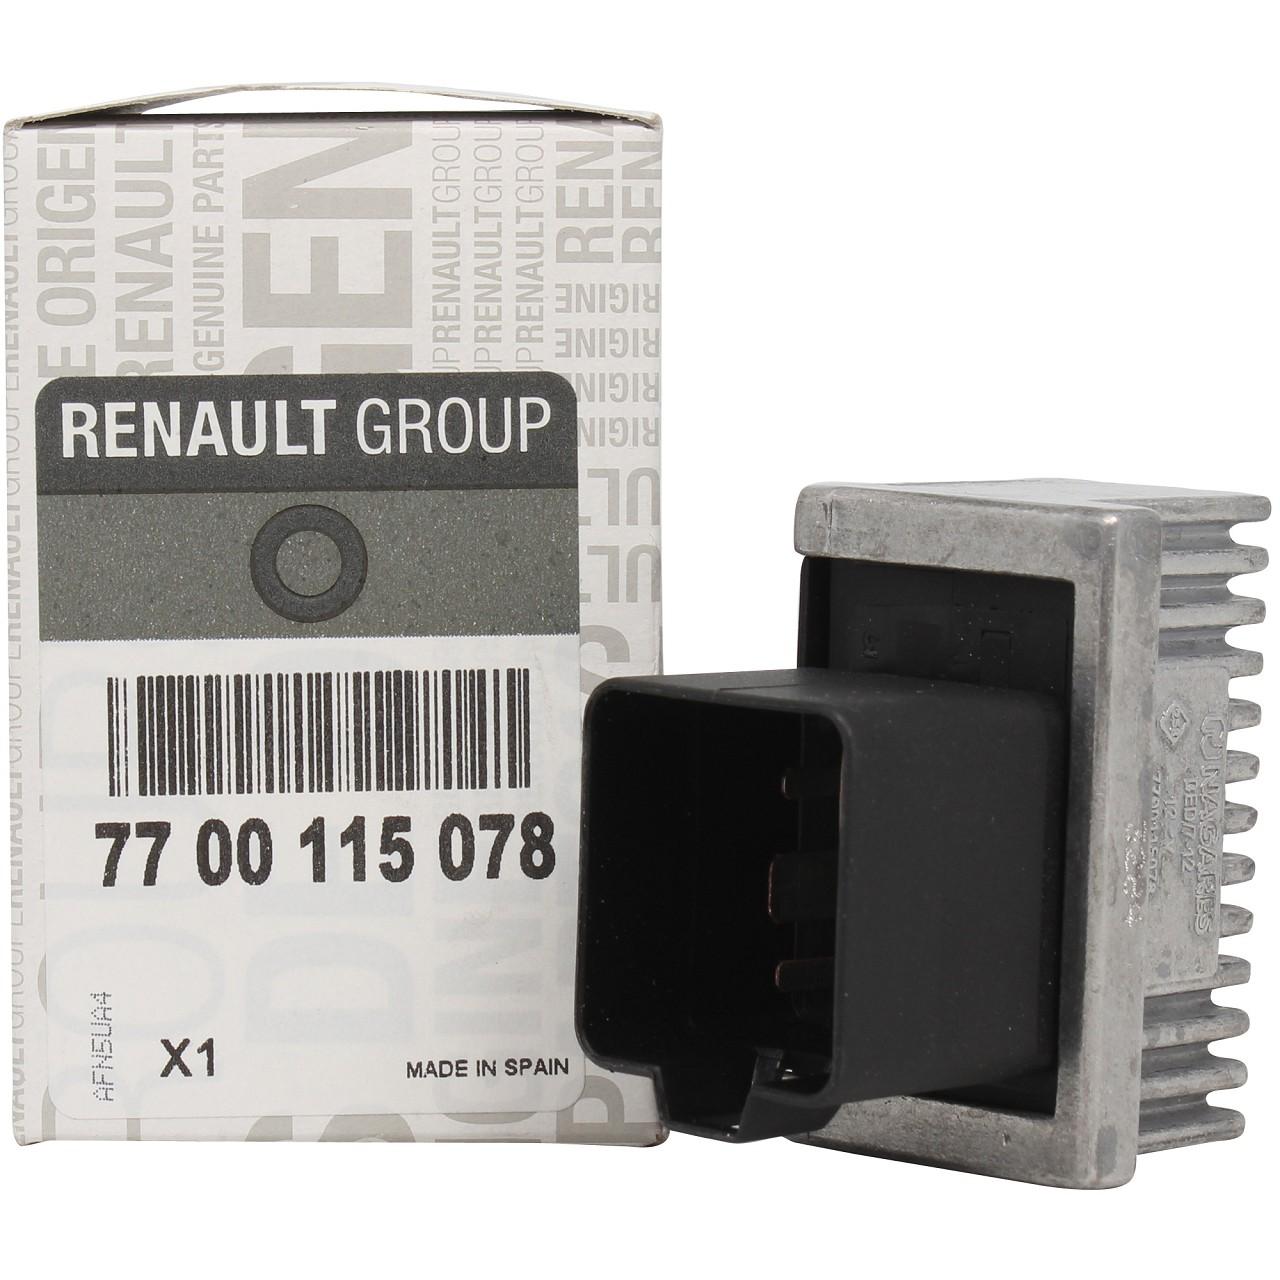 ORIGINAL Renault Vorglührelais Steuergerät Glühzeitrelais 7700115078